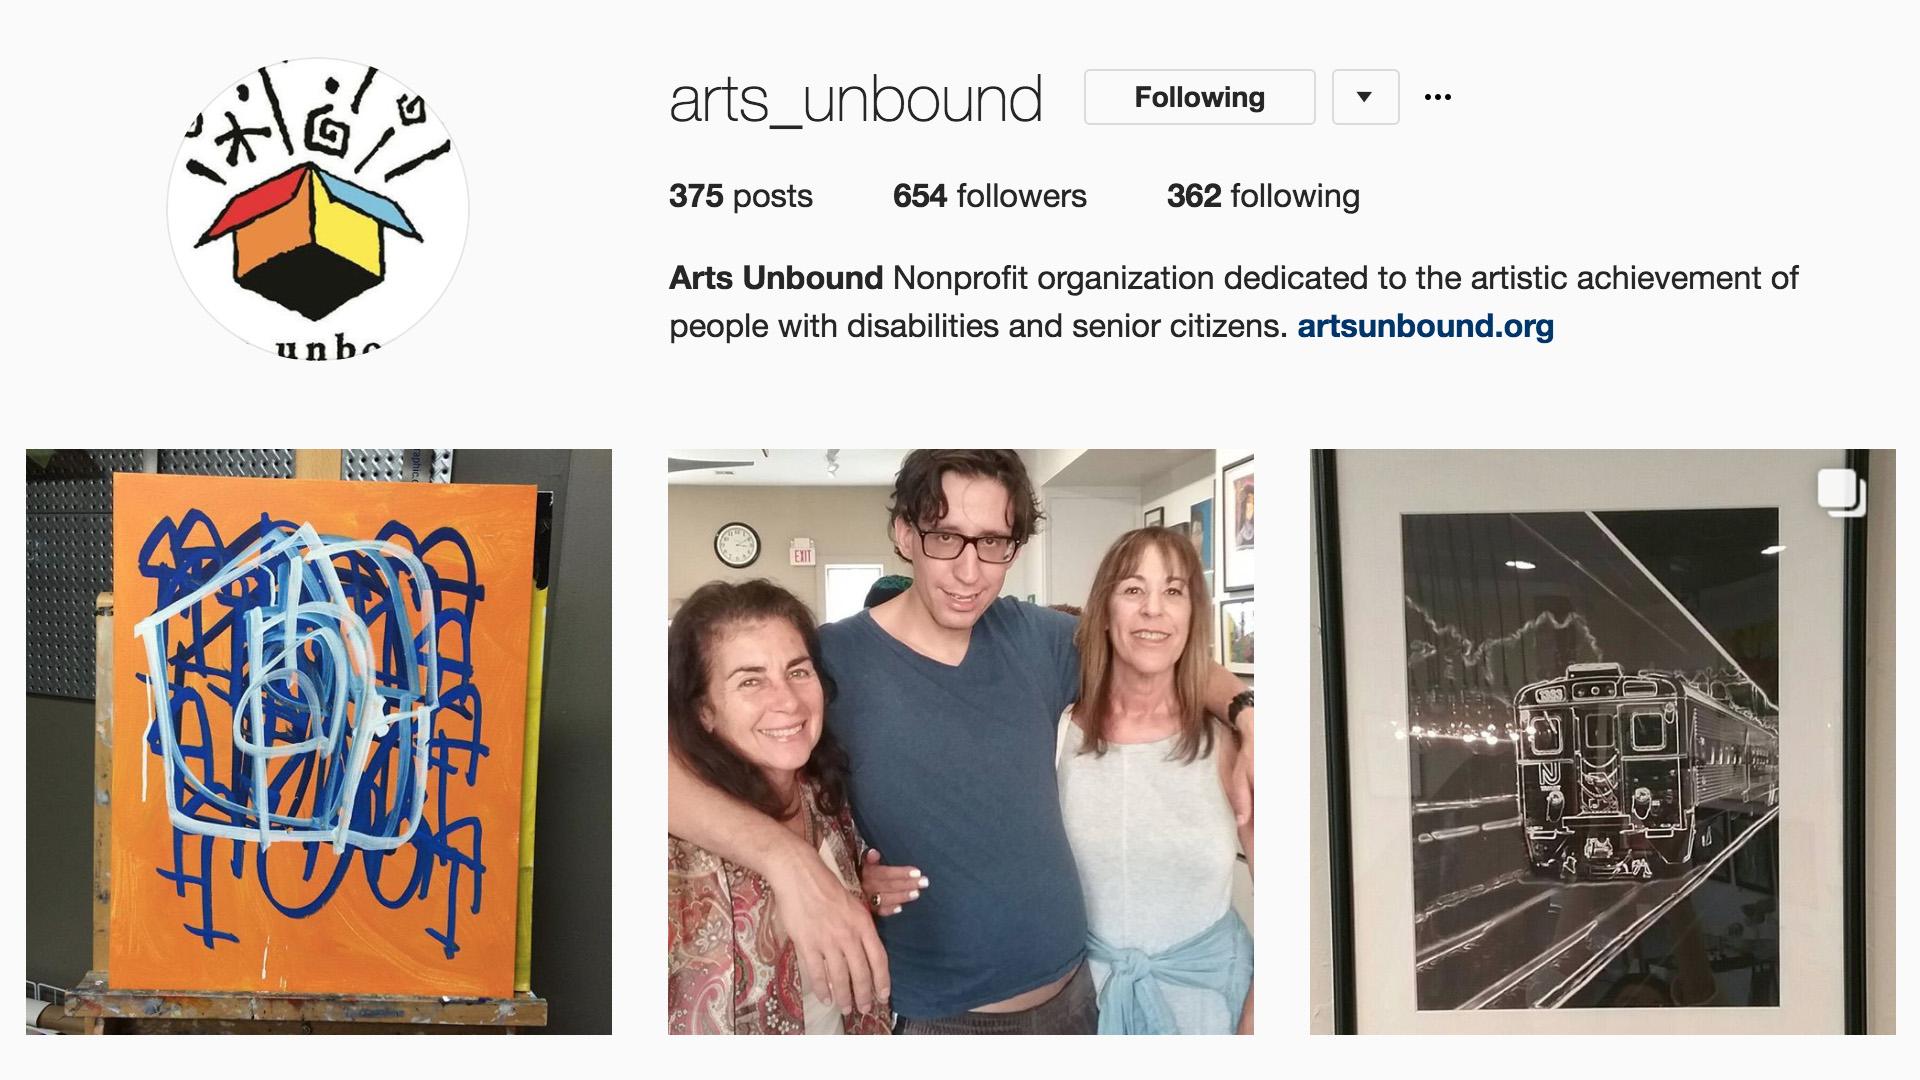 http://instagram.com/arts_unbound